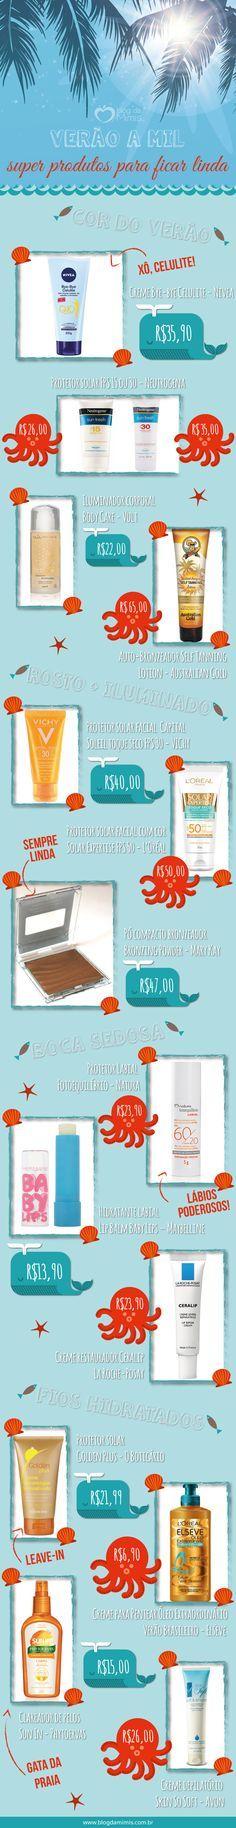 Verão a mil: super produtos para ficar linda - Blog da Mimis - Sabiam que têm produtos de beleza especiais para o verão? Eles são capazes do nos deixar ainda mais lindas e radiantes.